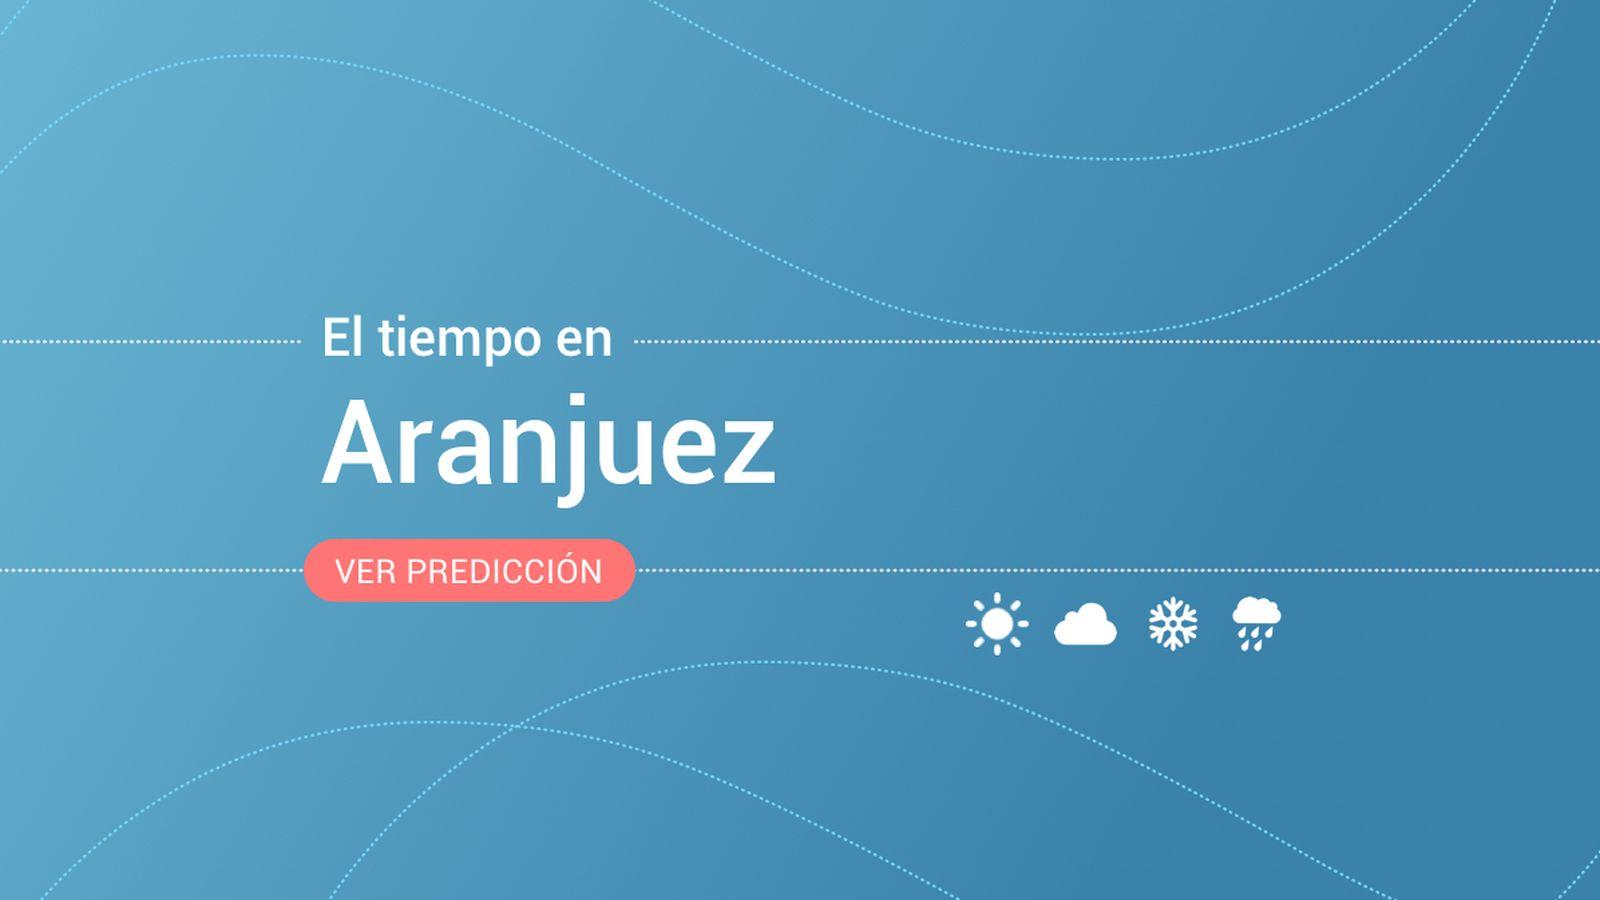 Foto: El tiempo en Aranjuez. (EC)